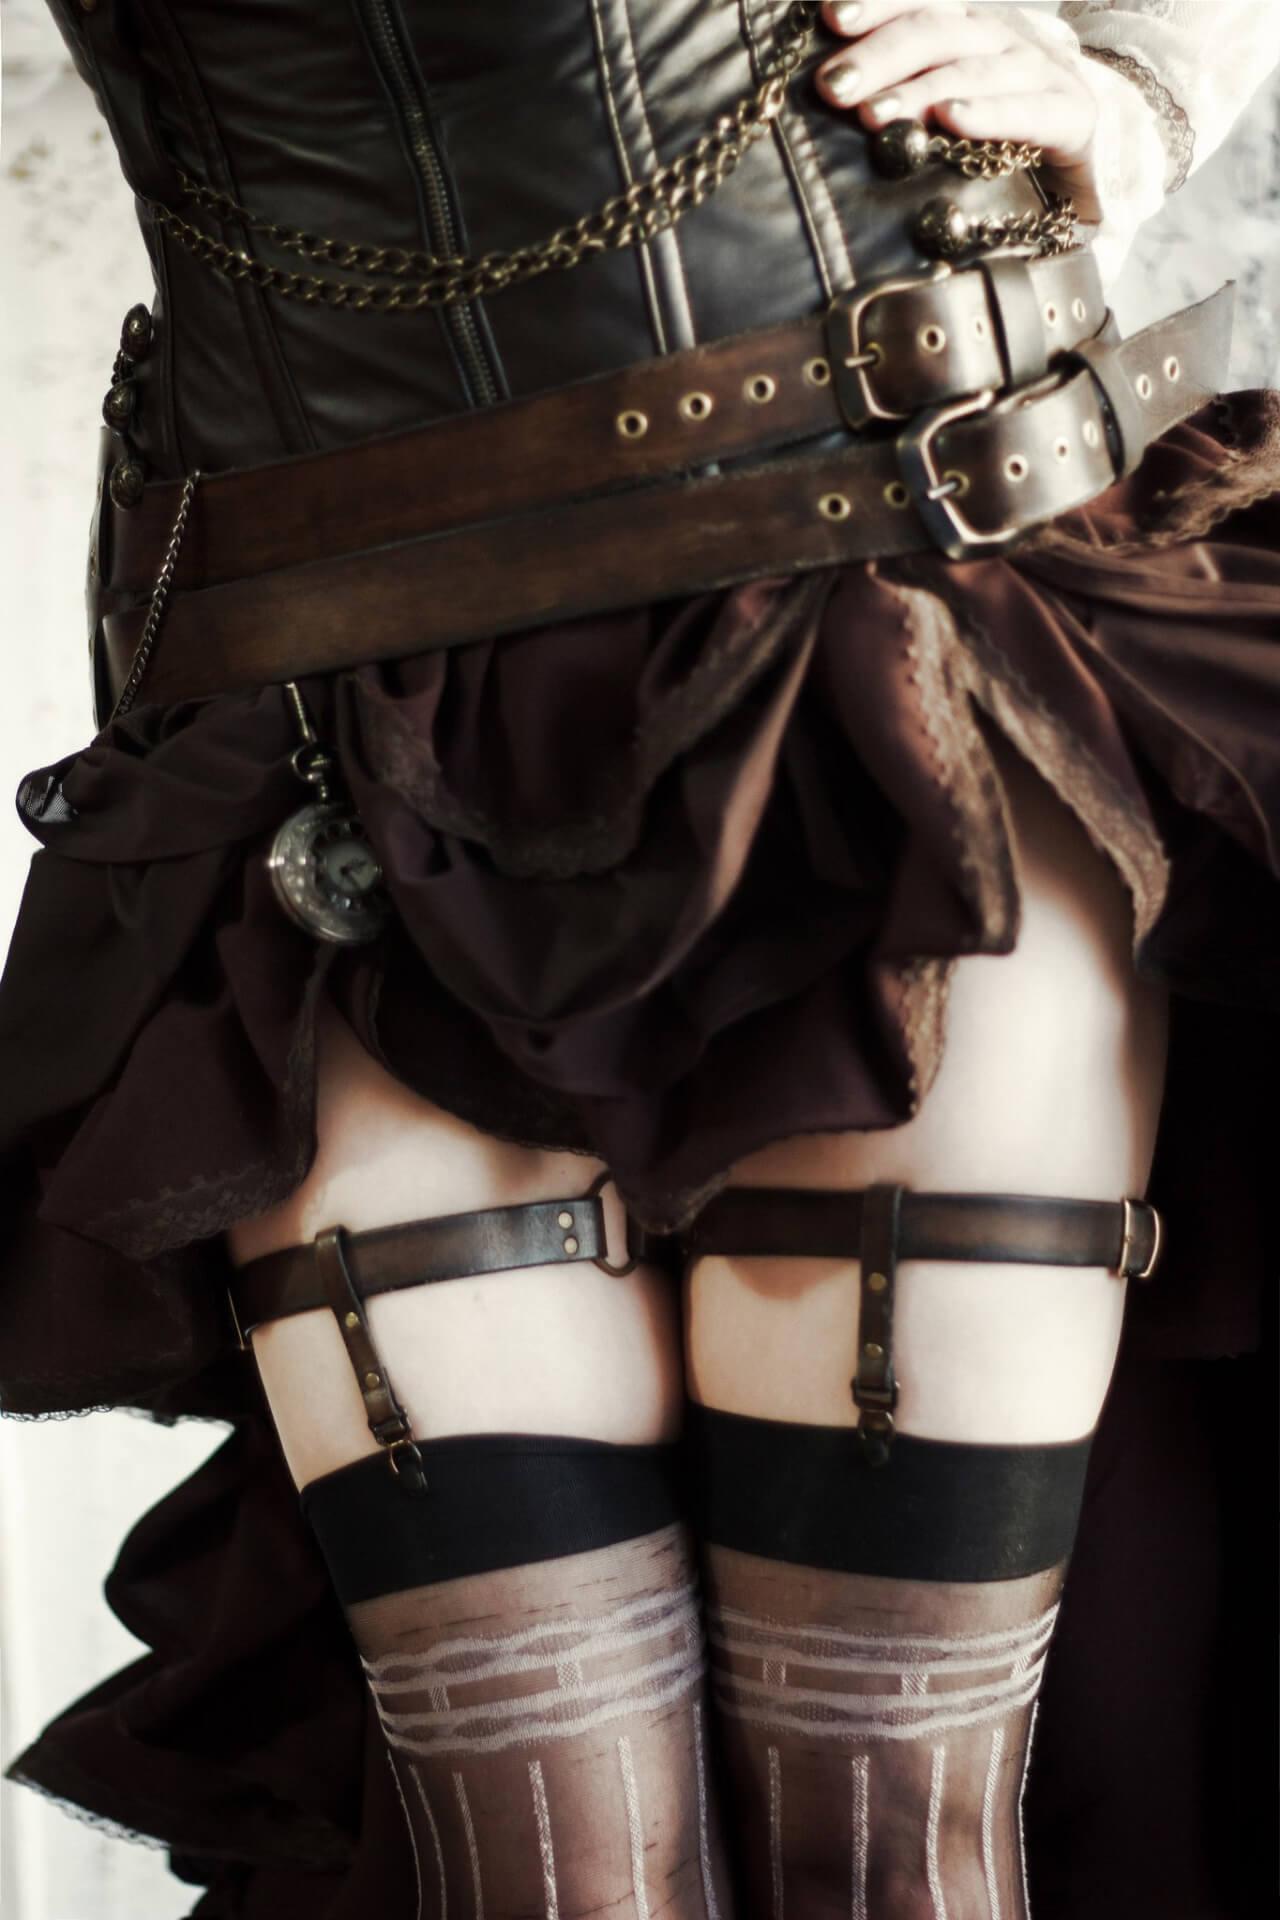 穿上这身最美的皮革装你就能代表女森来科普恋物癖和皮革恋了